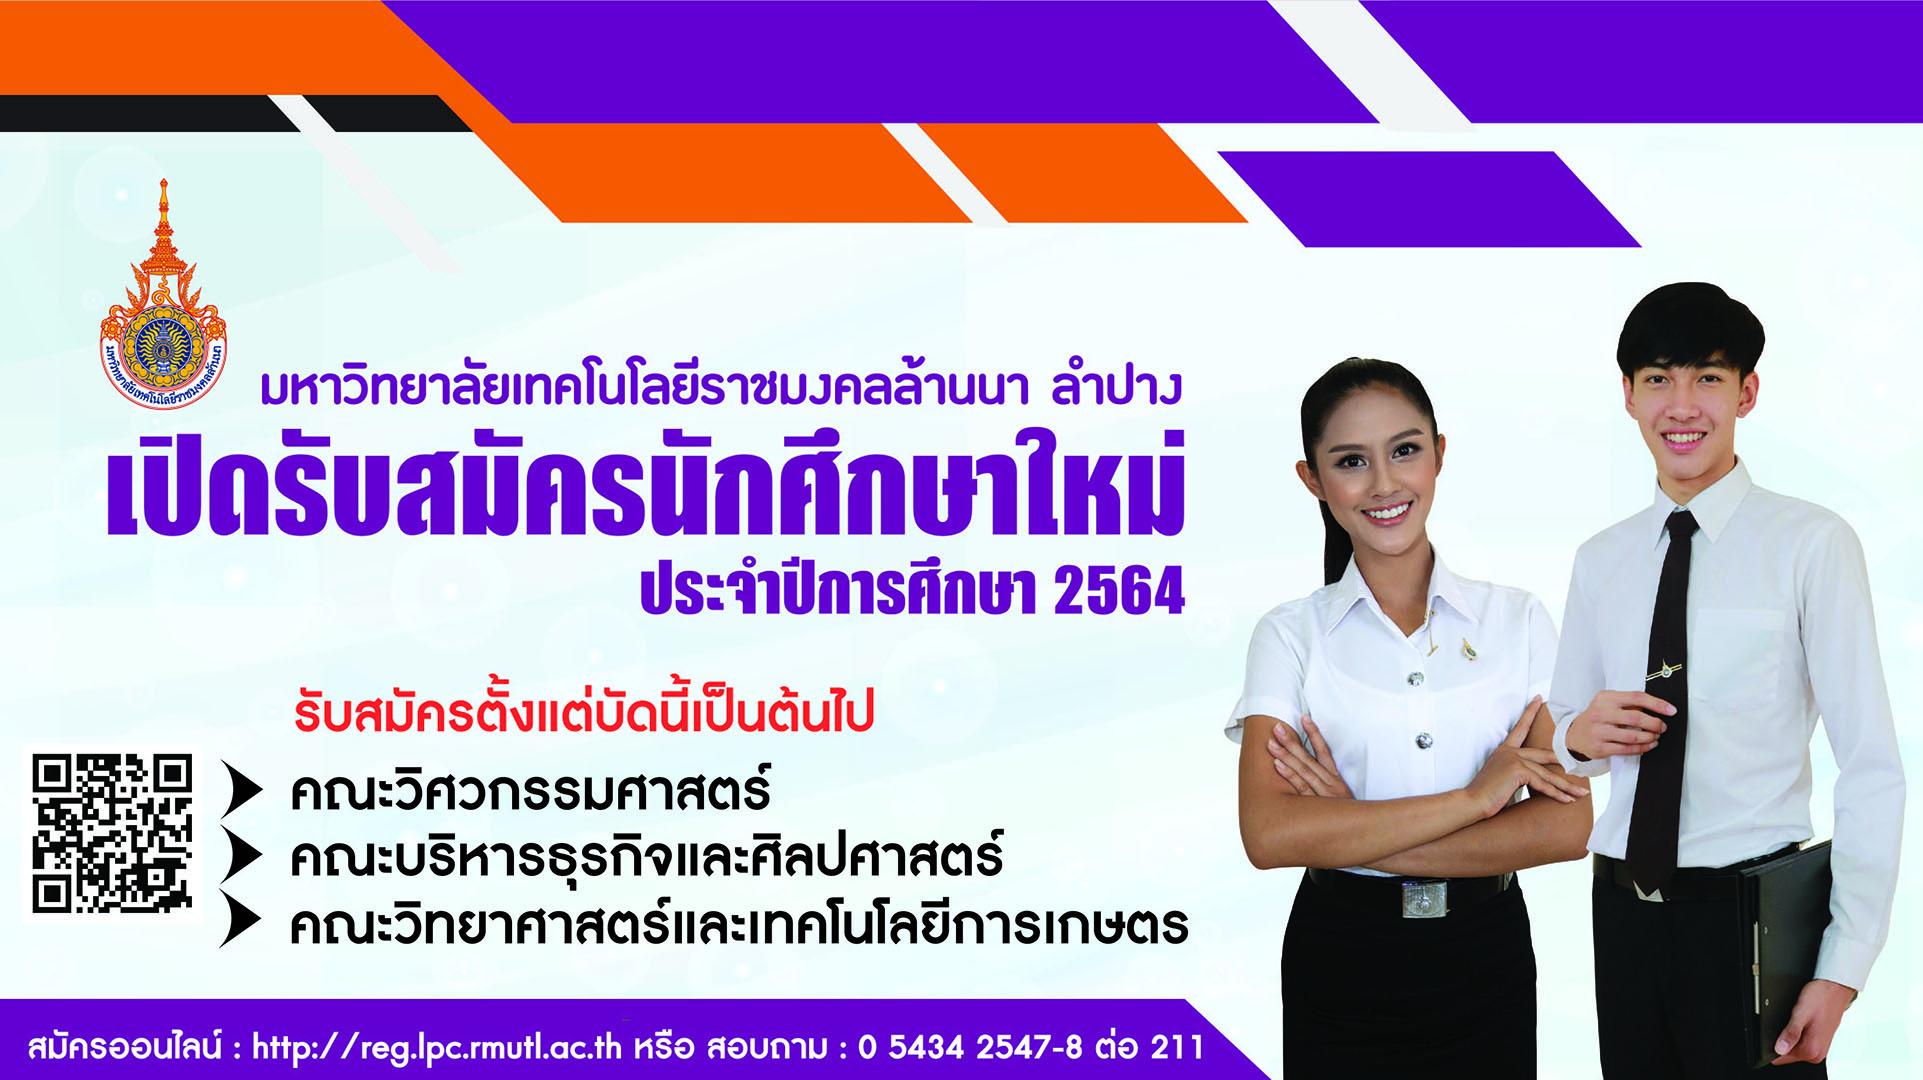 มทร.ล้านนา ลำปาง เปิดรับสมัครนักศึกษาใหม่ ประจำปีการศึกษา 2564